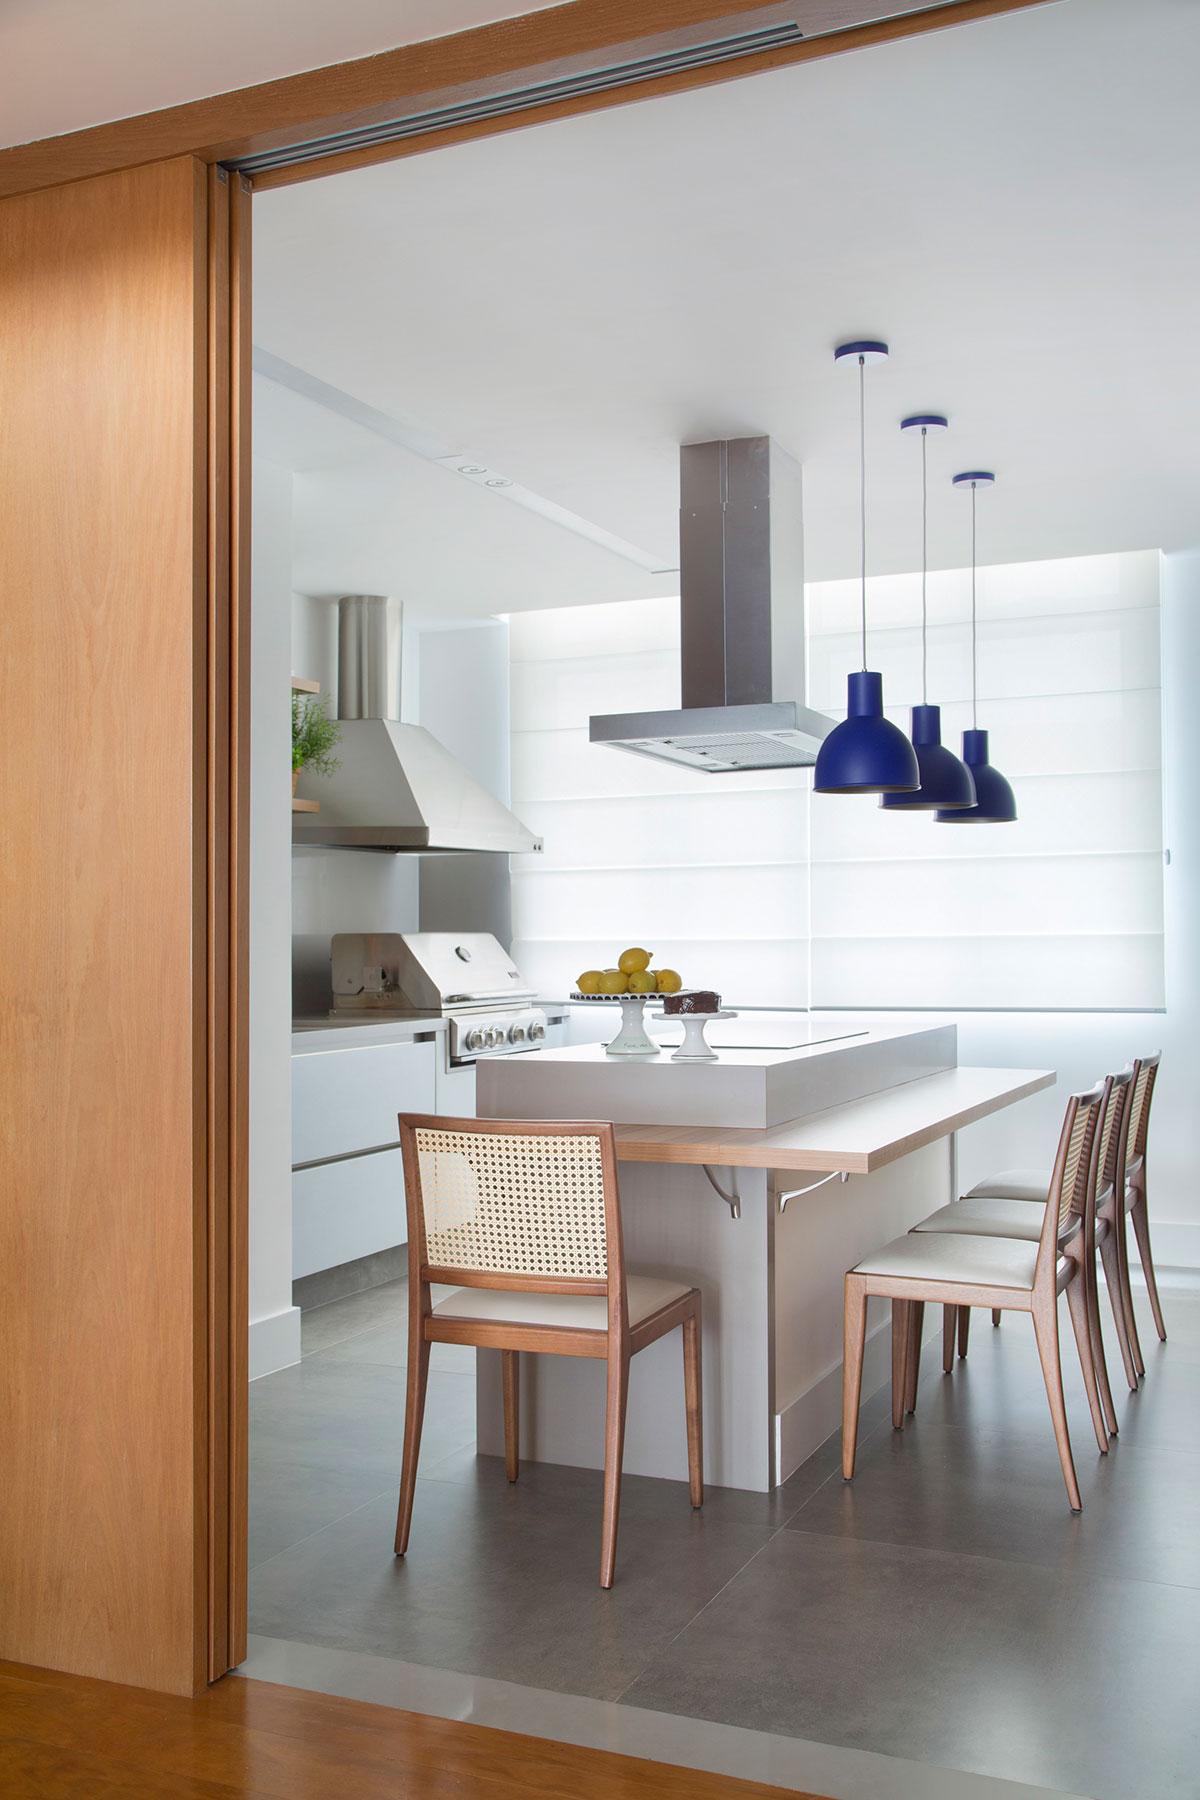 Cozinha com estilo contemporâneo, ilha central com balcão para refeições. Luminárias azuis de teto, depurador de ar e cadeiras de madeira.